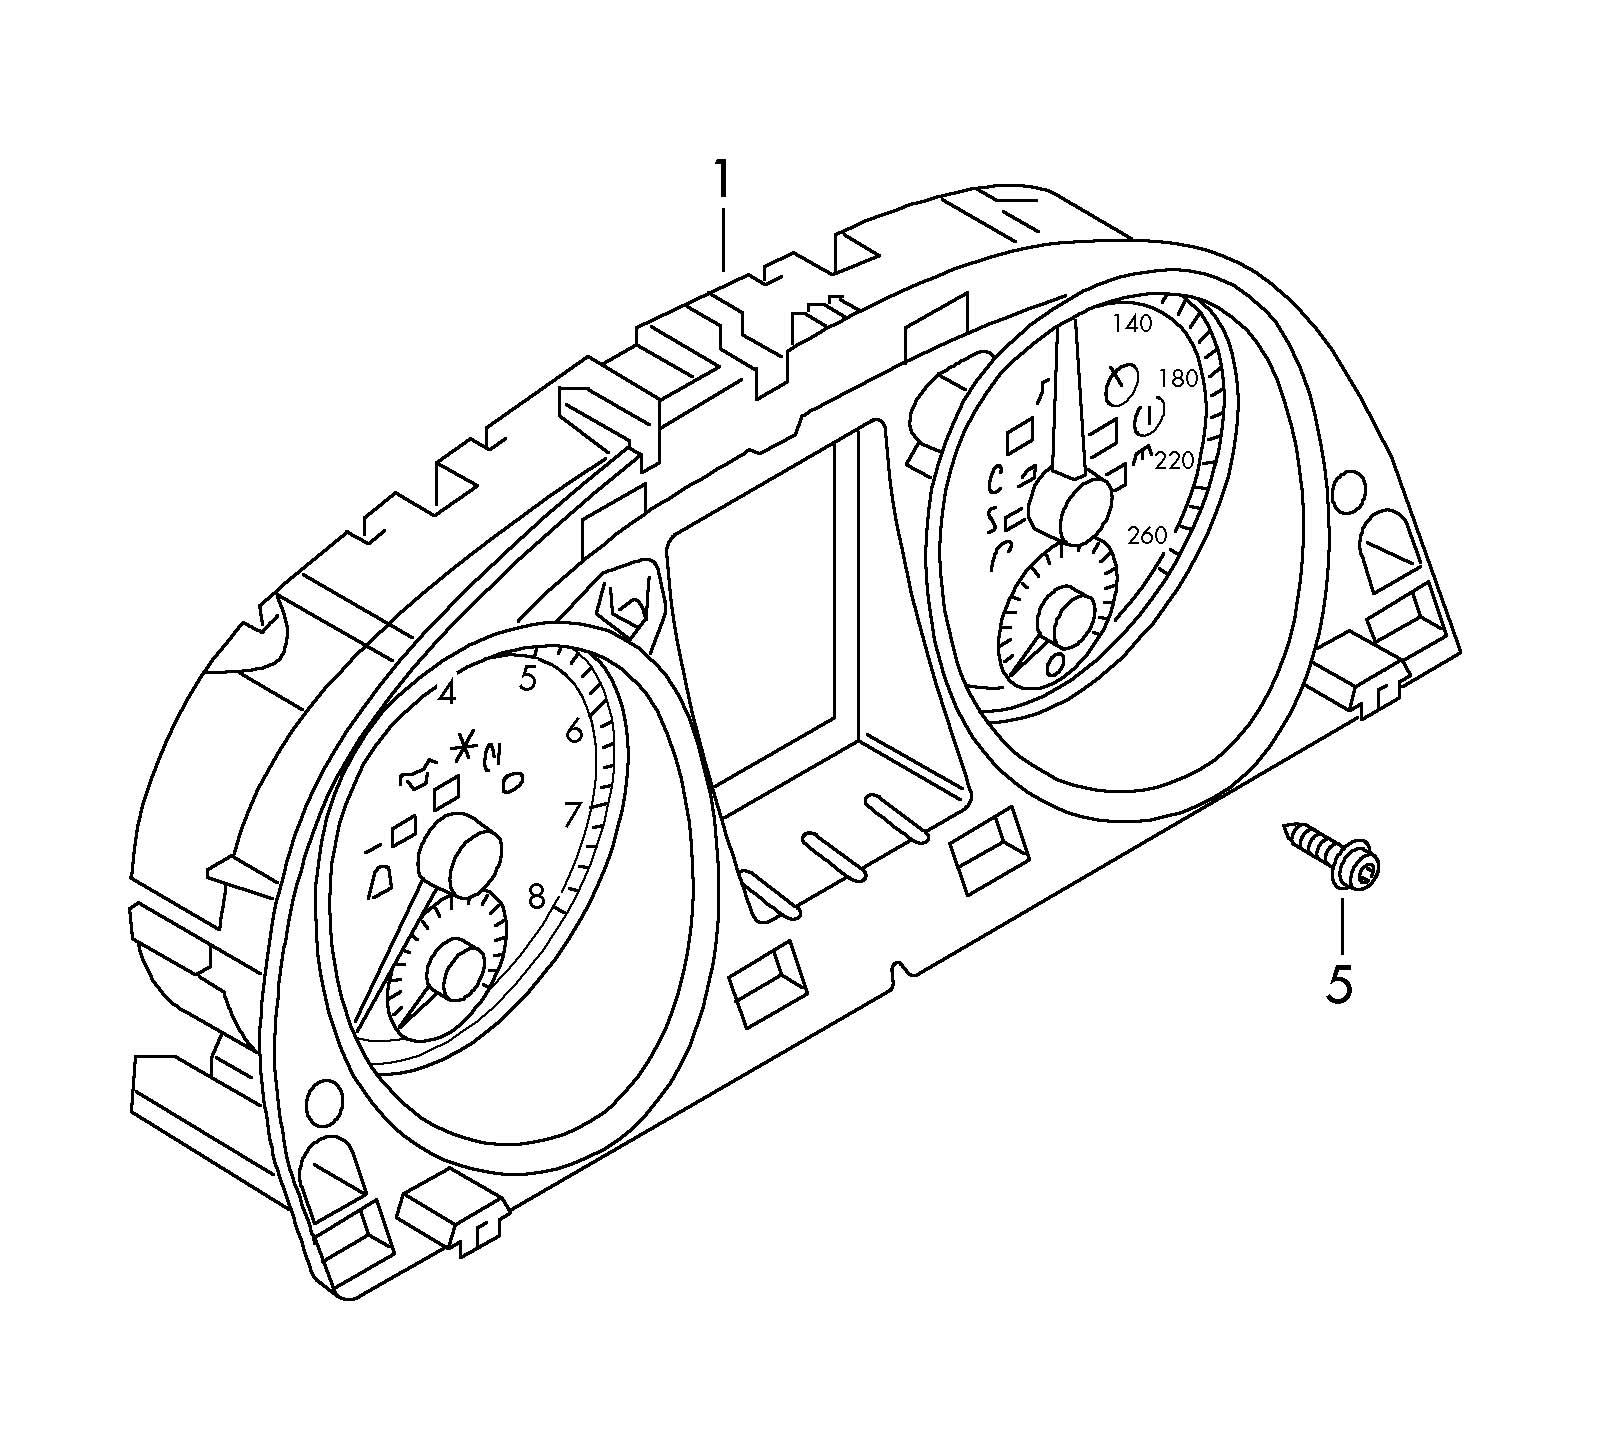 diagrams wiring   ddec v wiring diagram